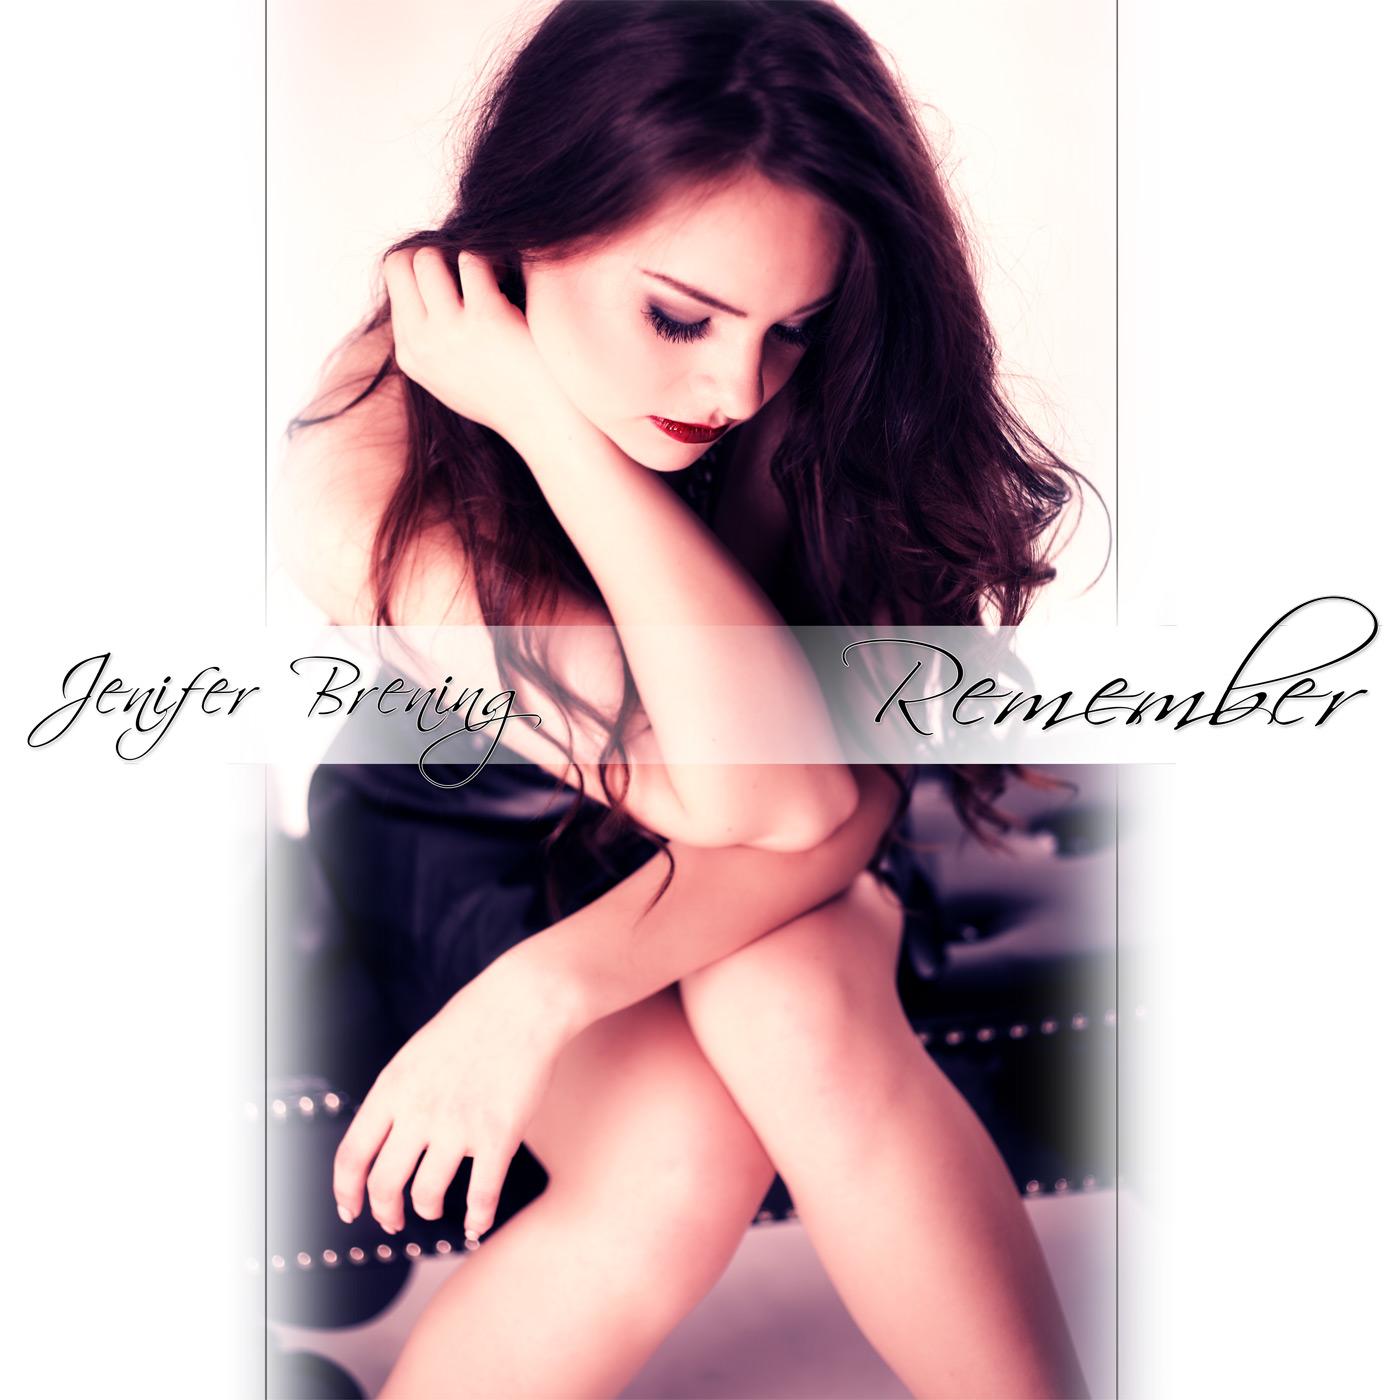 jenifer-brening-remember-coverart